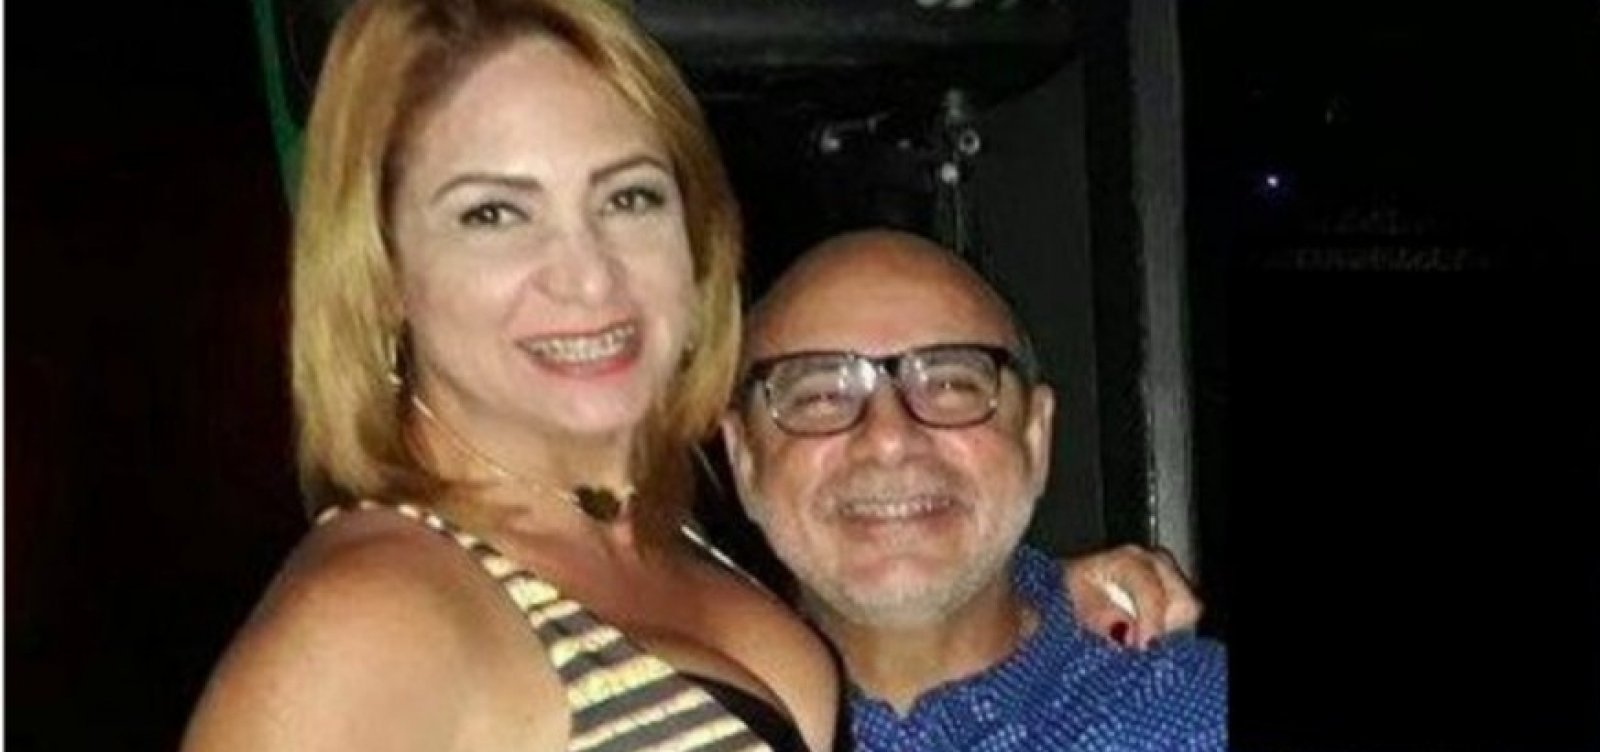 Esposa de Queiroz se apresentará hoje à Justiça, diz defesa